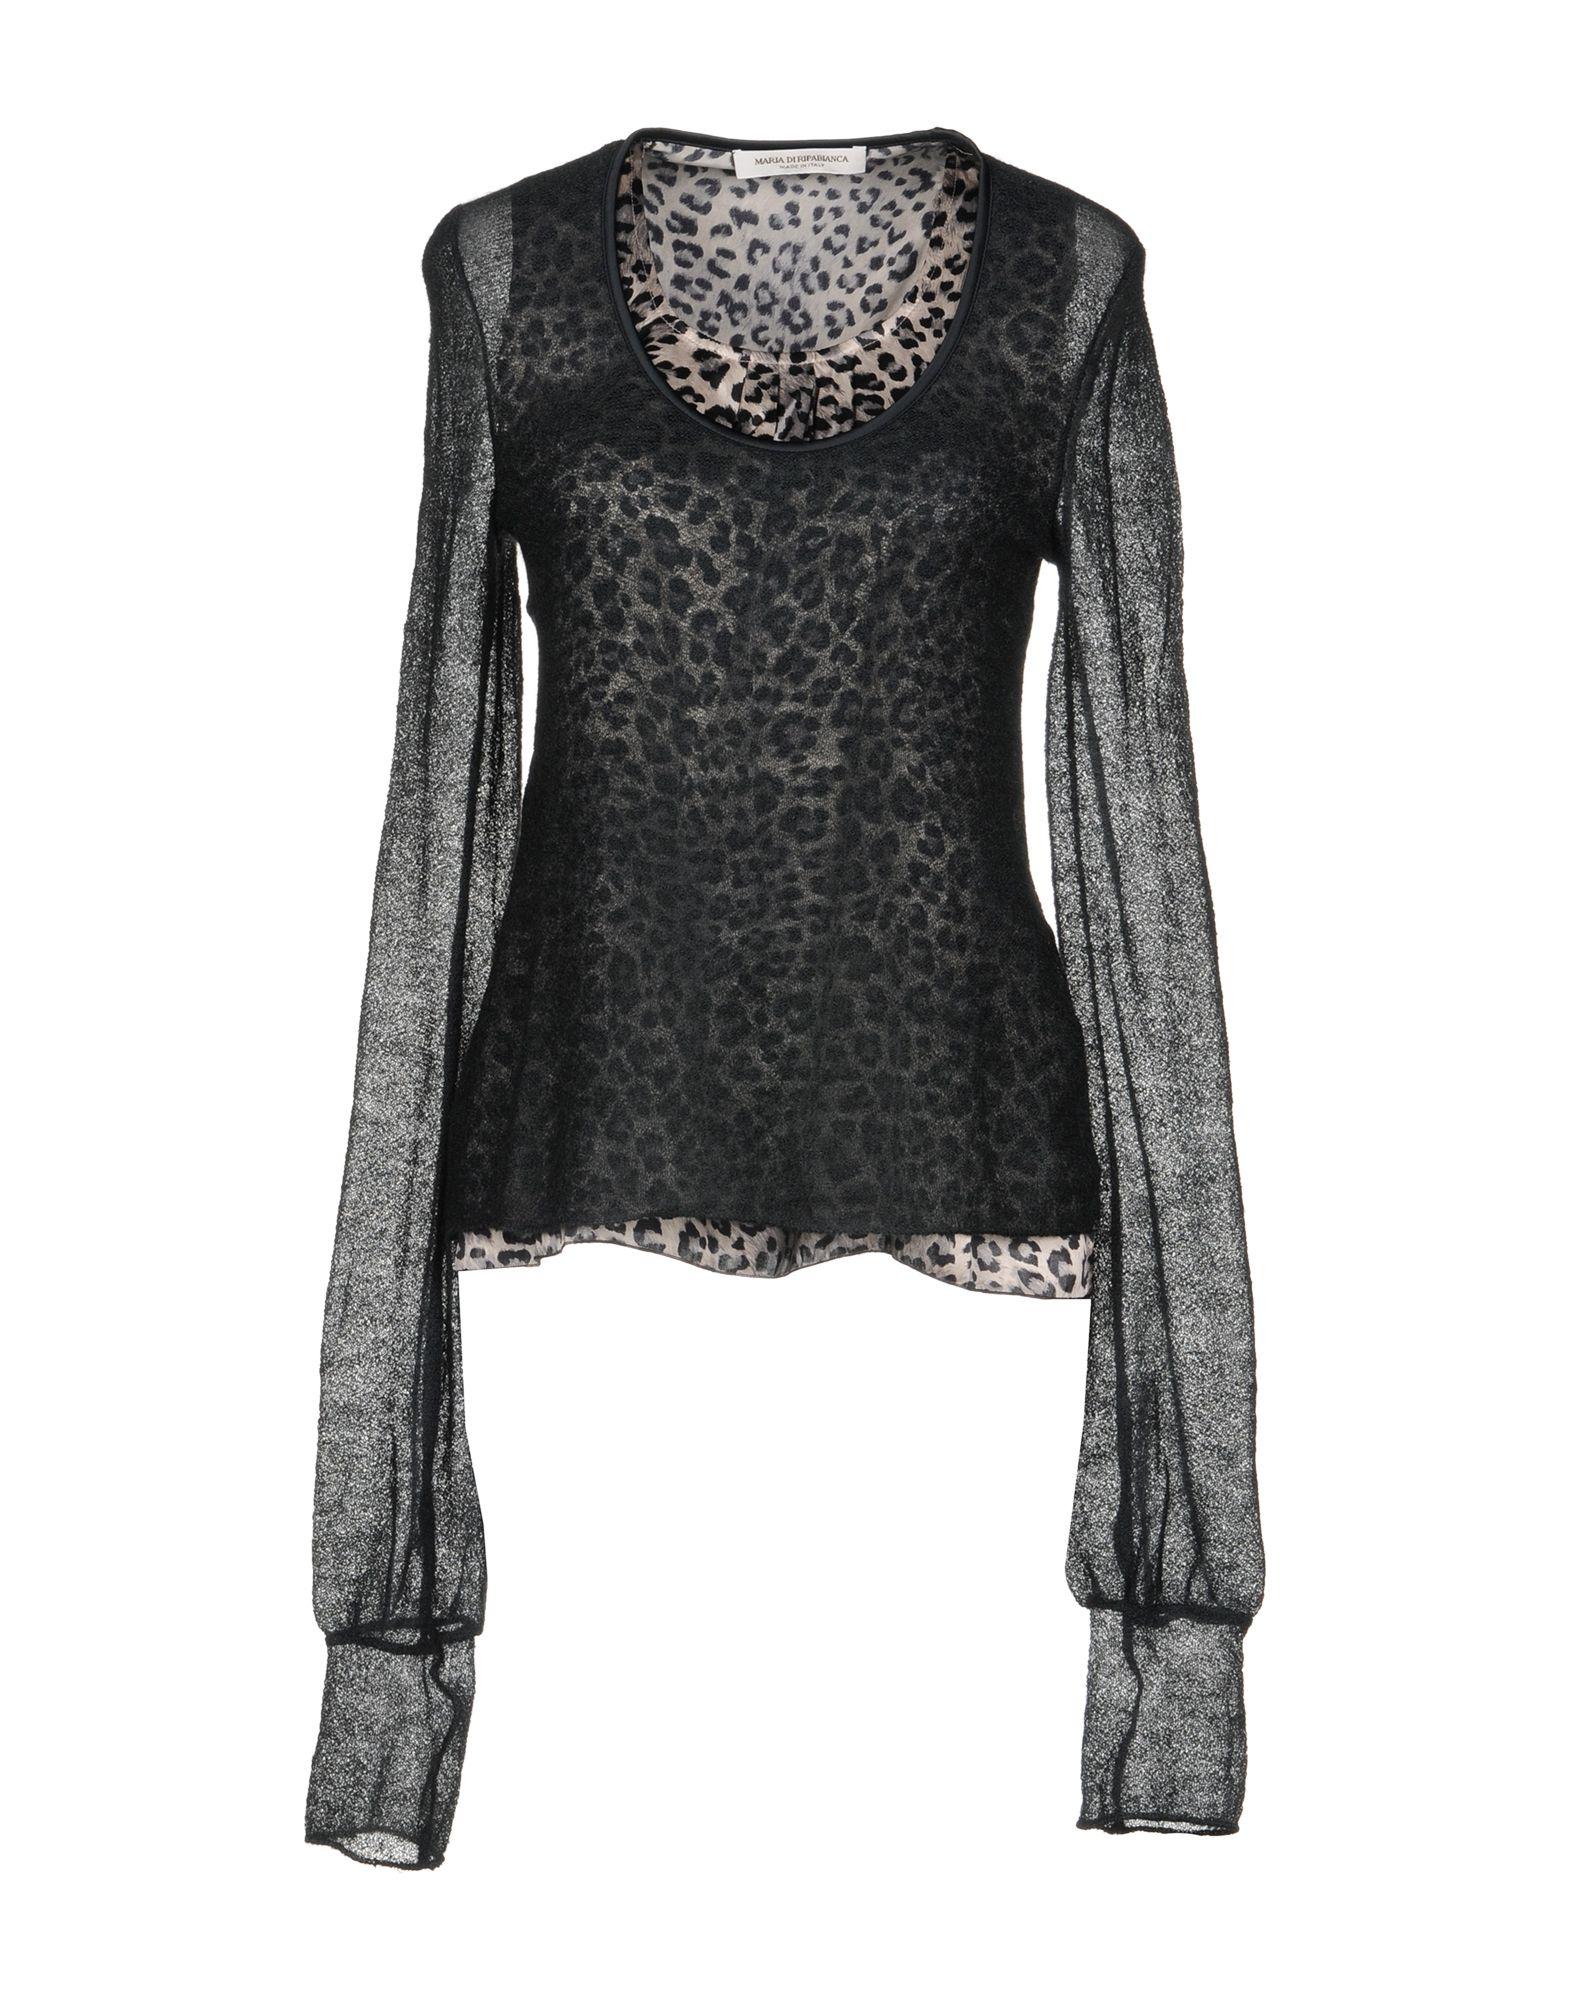 Pullover Maria Di Ripabianca Donna - Acquista online su RJiEvoNW